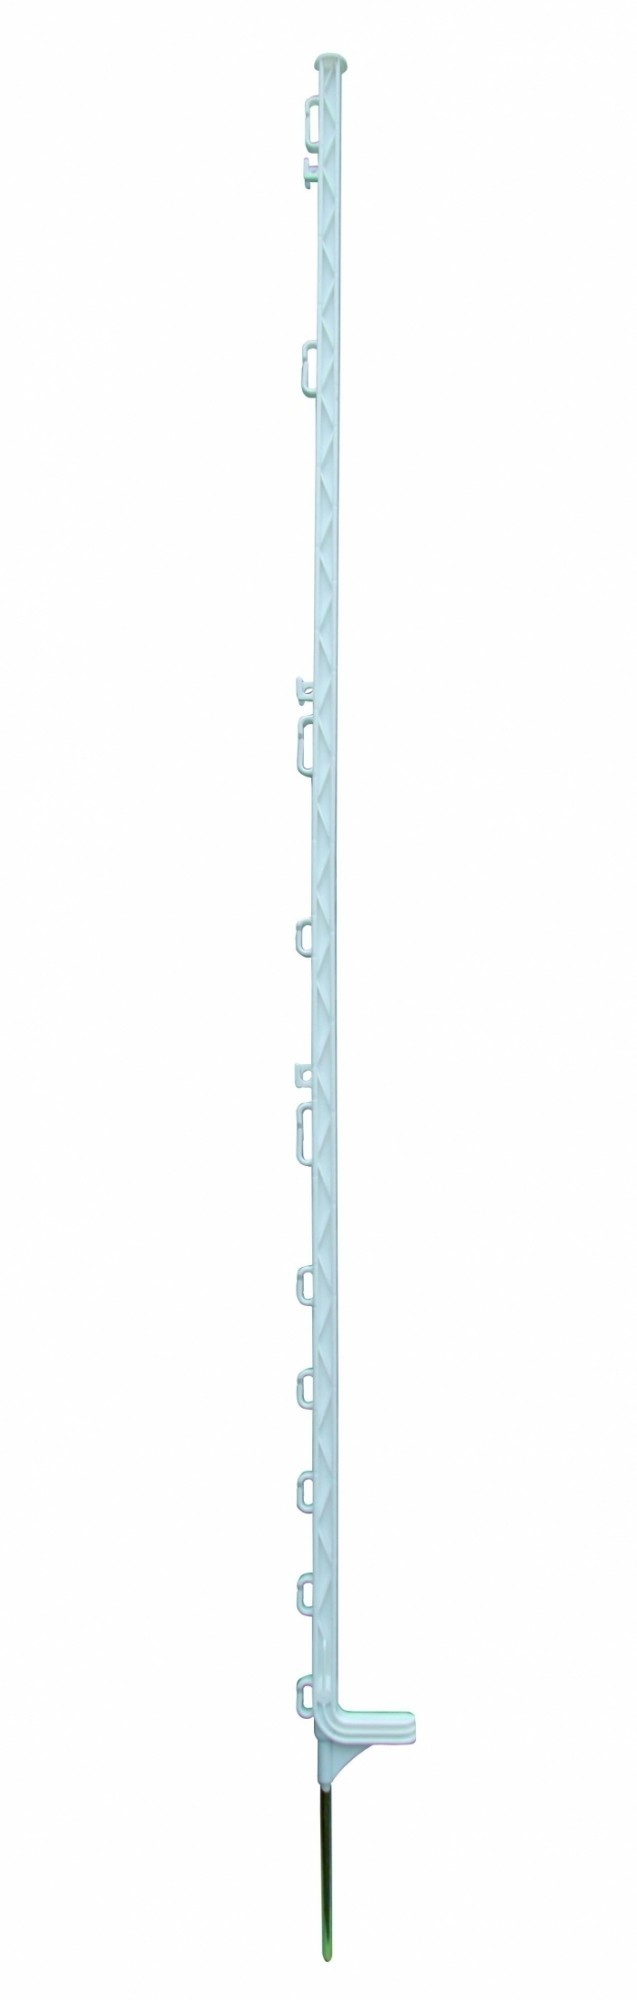 Horizont kunststof paal Extra wit 13-ogen 169cm